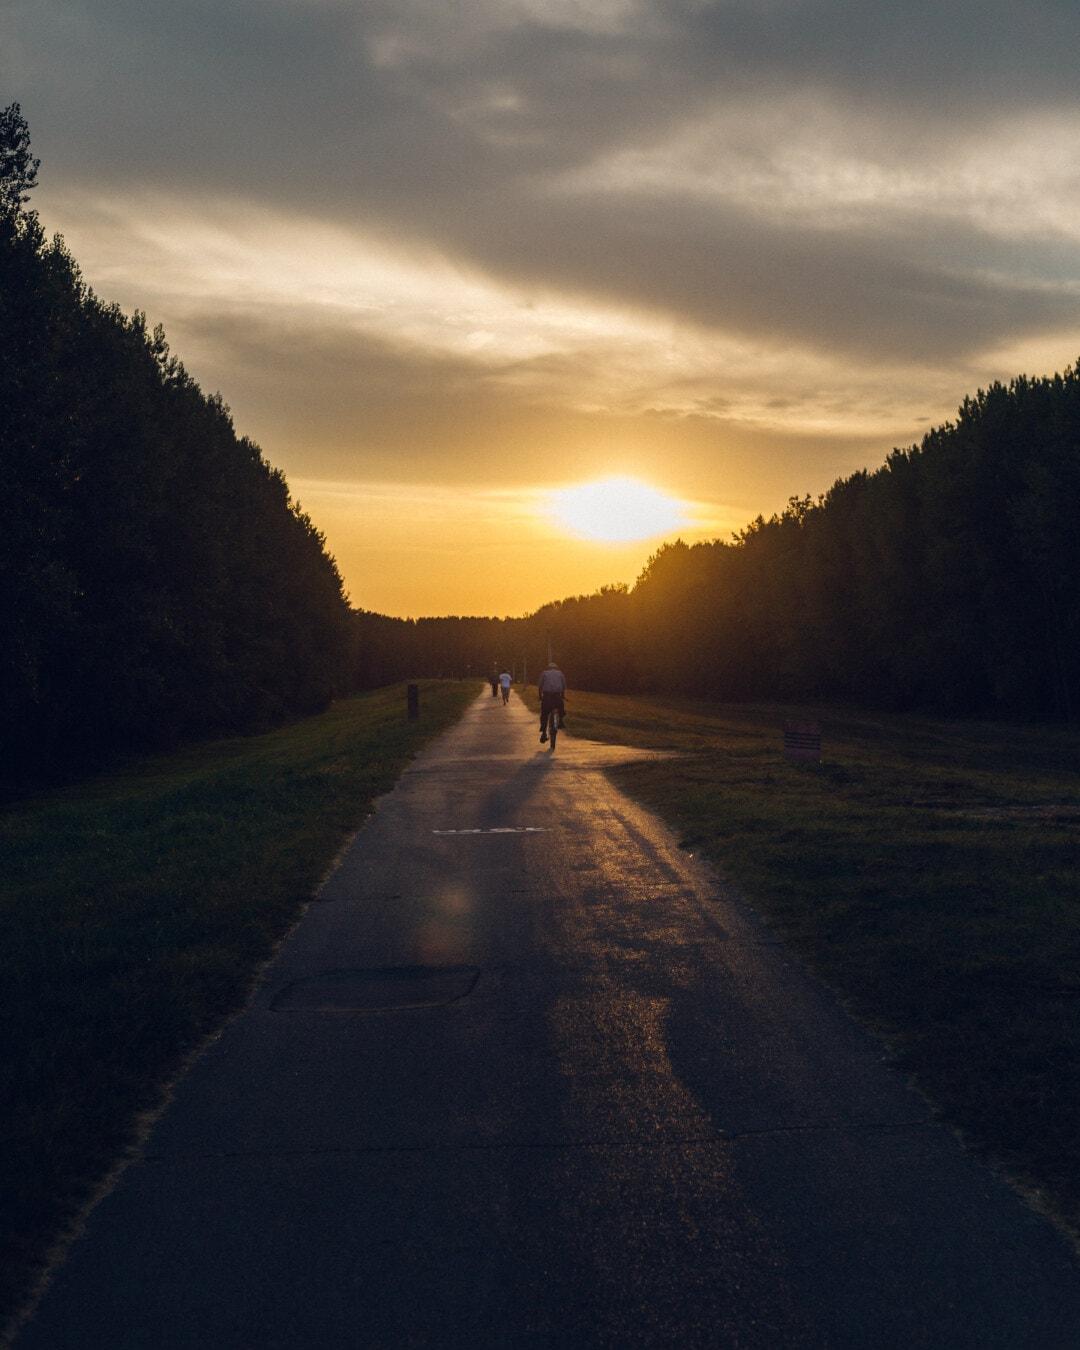 Асфальт, дорога, Захід сонця, люди, велосипед, відпочинок, їзда на велосипеді, схил, сходження, сонце